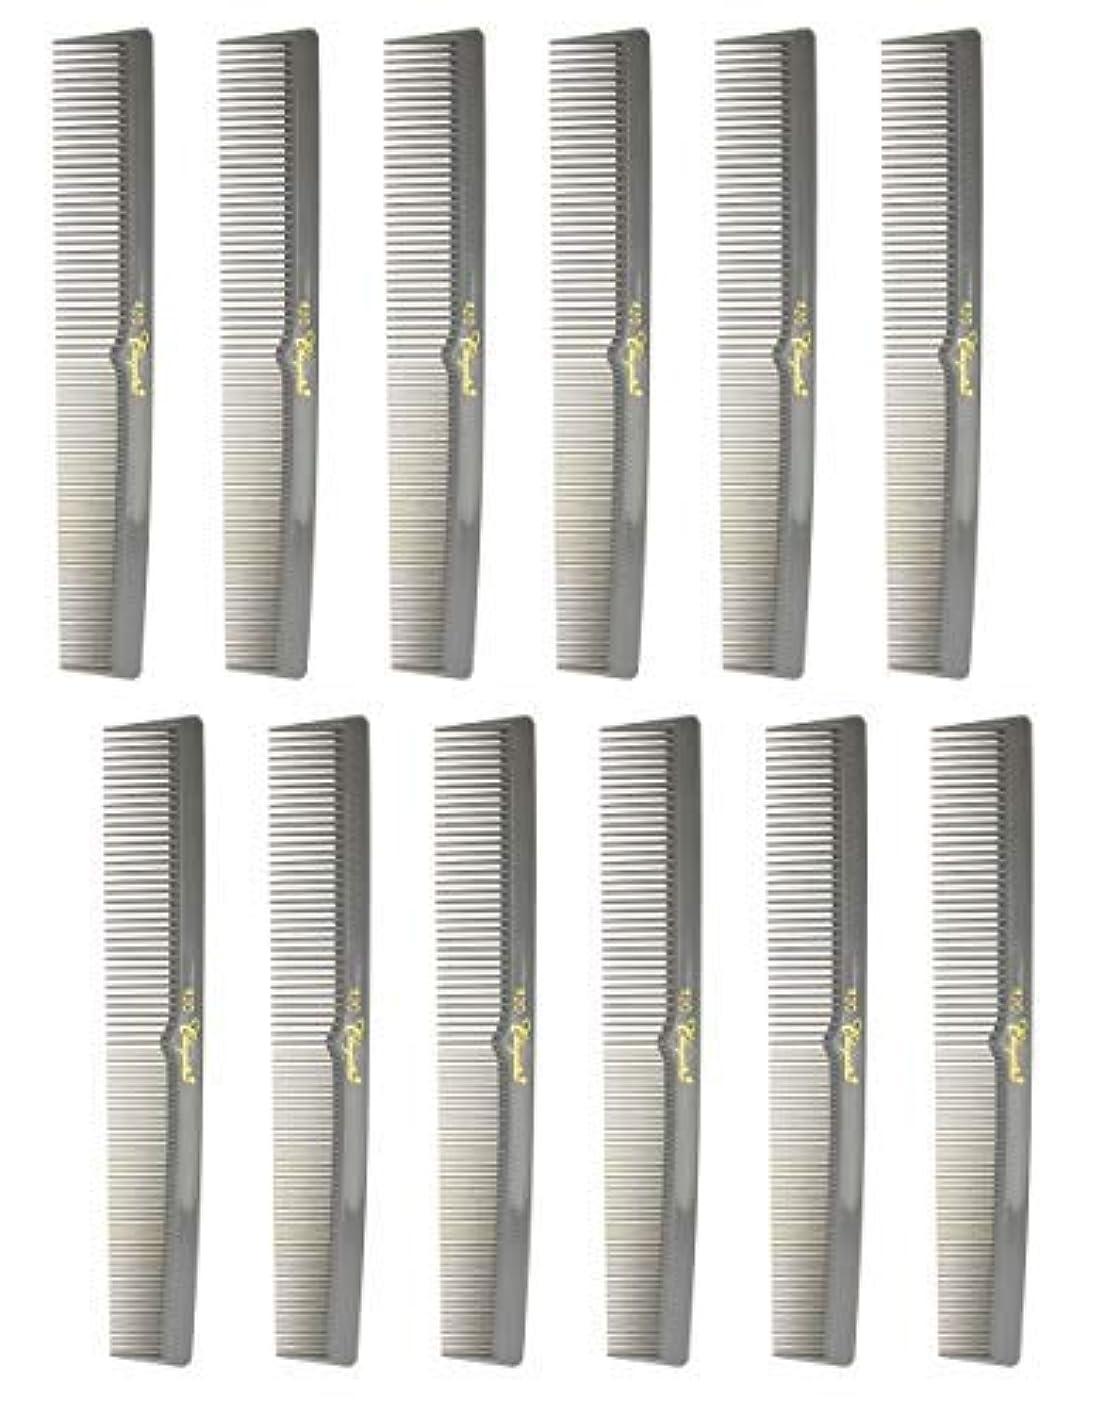 暴露するビュッフェ州7 Inch Hair Cutting Combs. Barber's & Hairstylist Combs. Gray. 1 DZ. [並行輸入品]